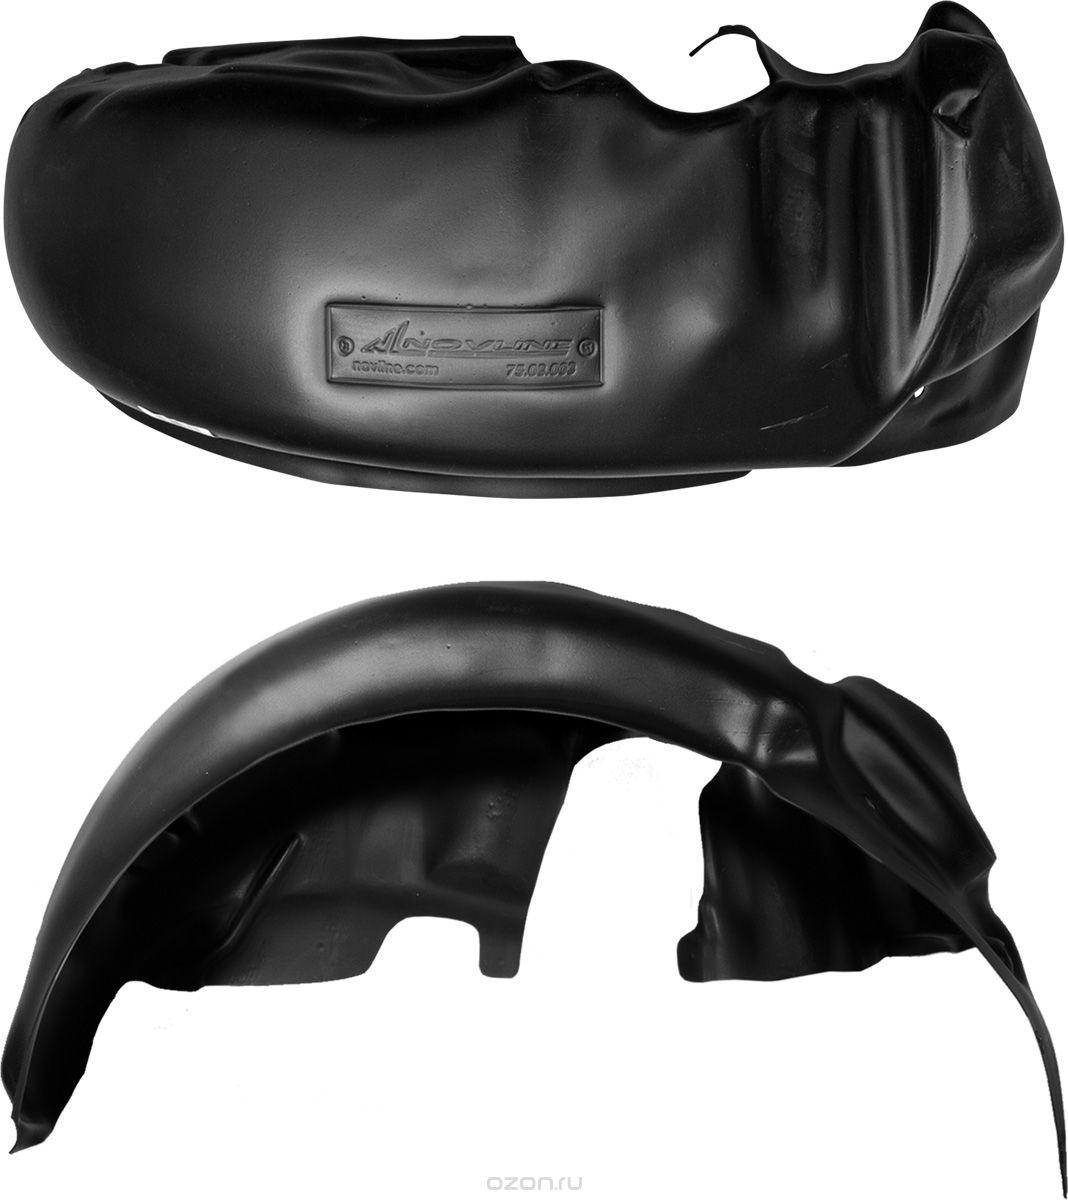 Подкрылок Novline-Autofamily, для MERCEDES-BENZ Sprinter Classic, 2013->, W905 односкатный, задний левыйNLL.34.02.003Идеальная защита колесной ниши. Локеры разработаны с применением цифровых технологий, гарантируют максимальную повторяемость поверхности арки. Изделия устанавливаются без нарушения лакокрасочного покрытия автомобиля, каждый подкрылок комплектуется крепежом. Уважаемые клиенты, обращаем ваше внимание, что фотографии на подкрылки универсальные и не отражают реальную форму изделия. При этом само изделие идет точно под размер указанного автомобиля.